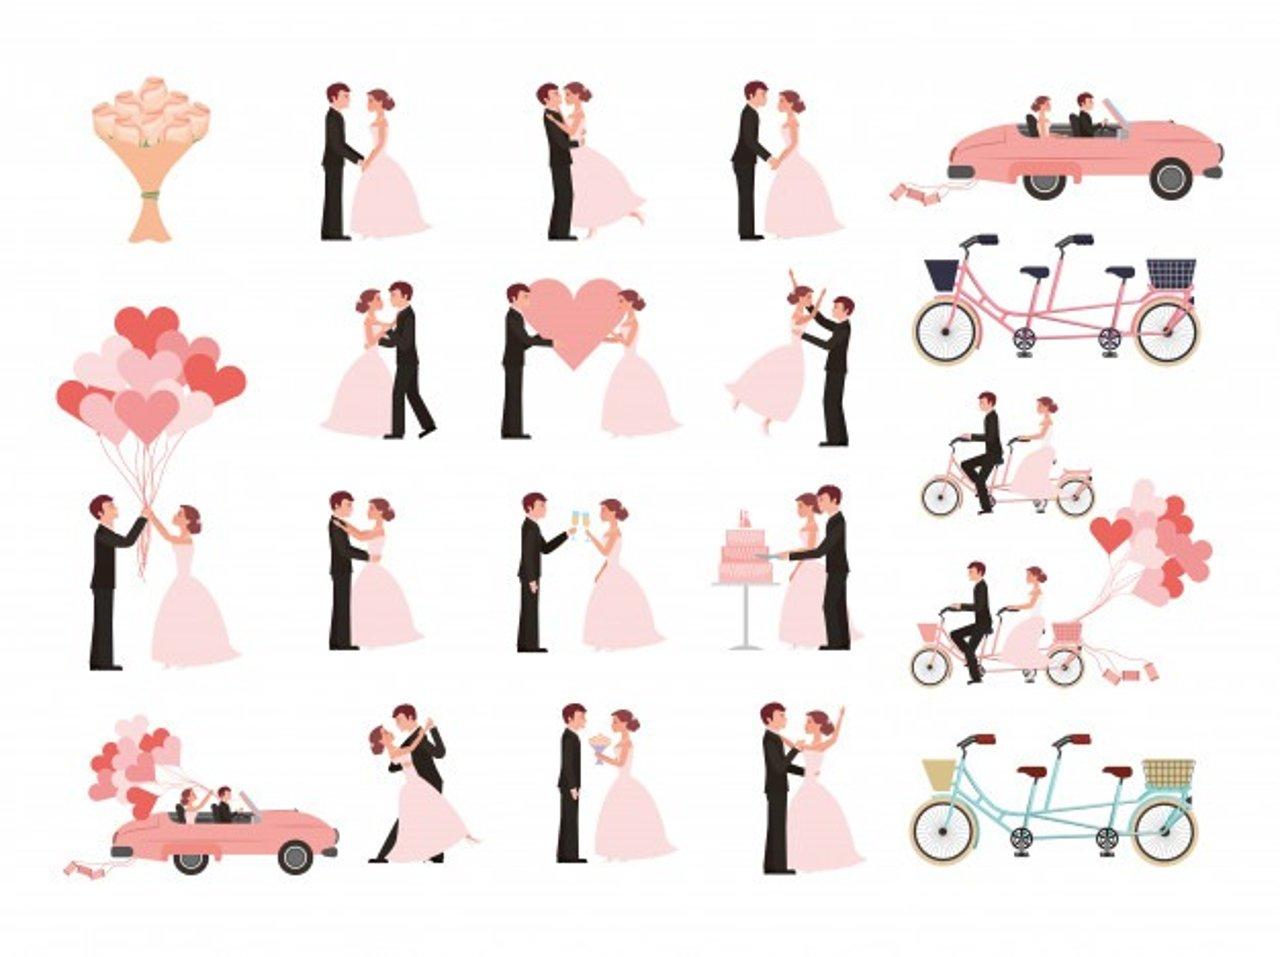 你知道在澳洲申请结婚还有冷静期吗? ❤七夕将至,澳洲领证攻略来了!记得提前计划好时间哦!